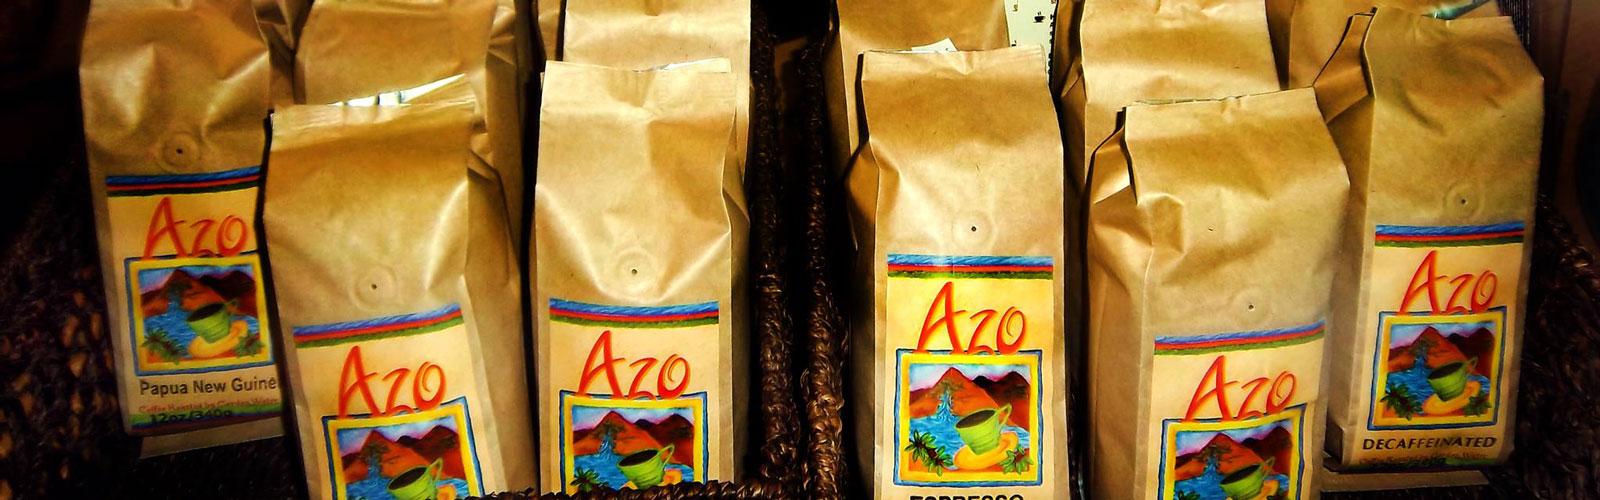 Bags of Azo coffee